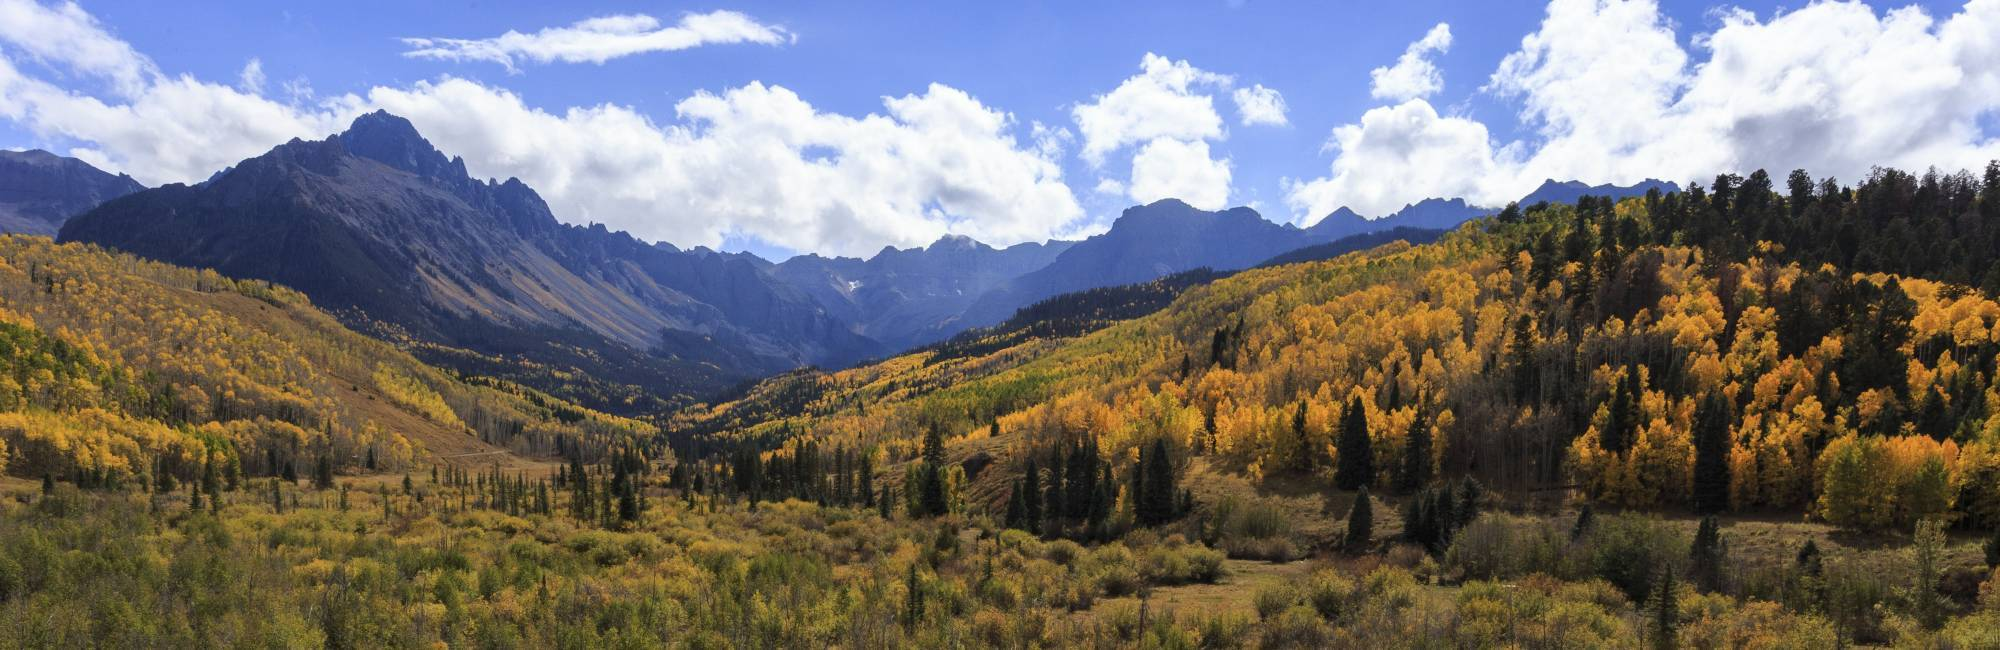 fall landscape colorado